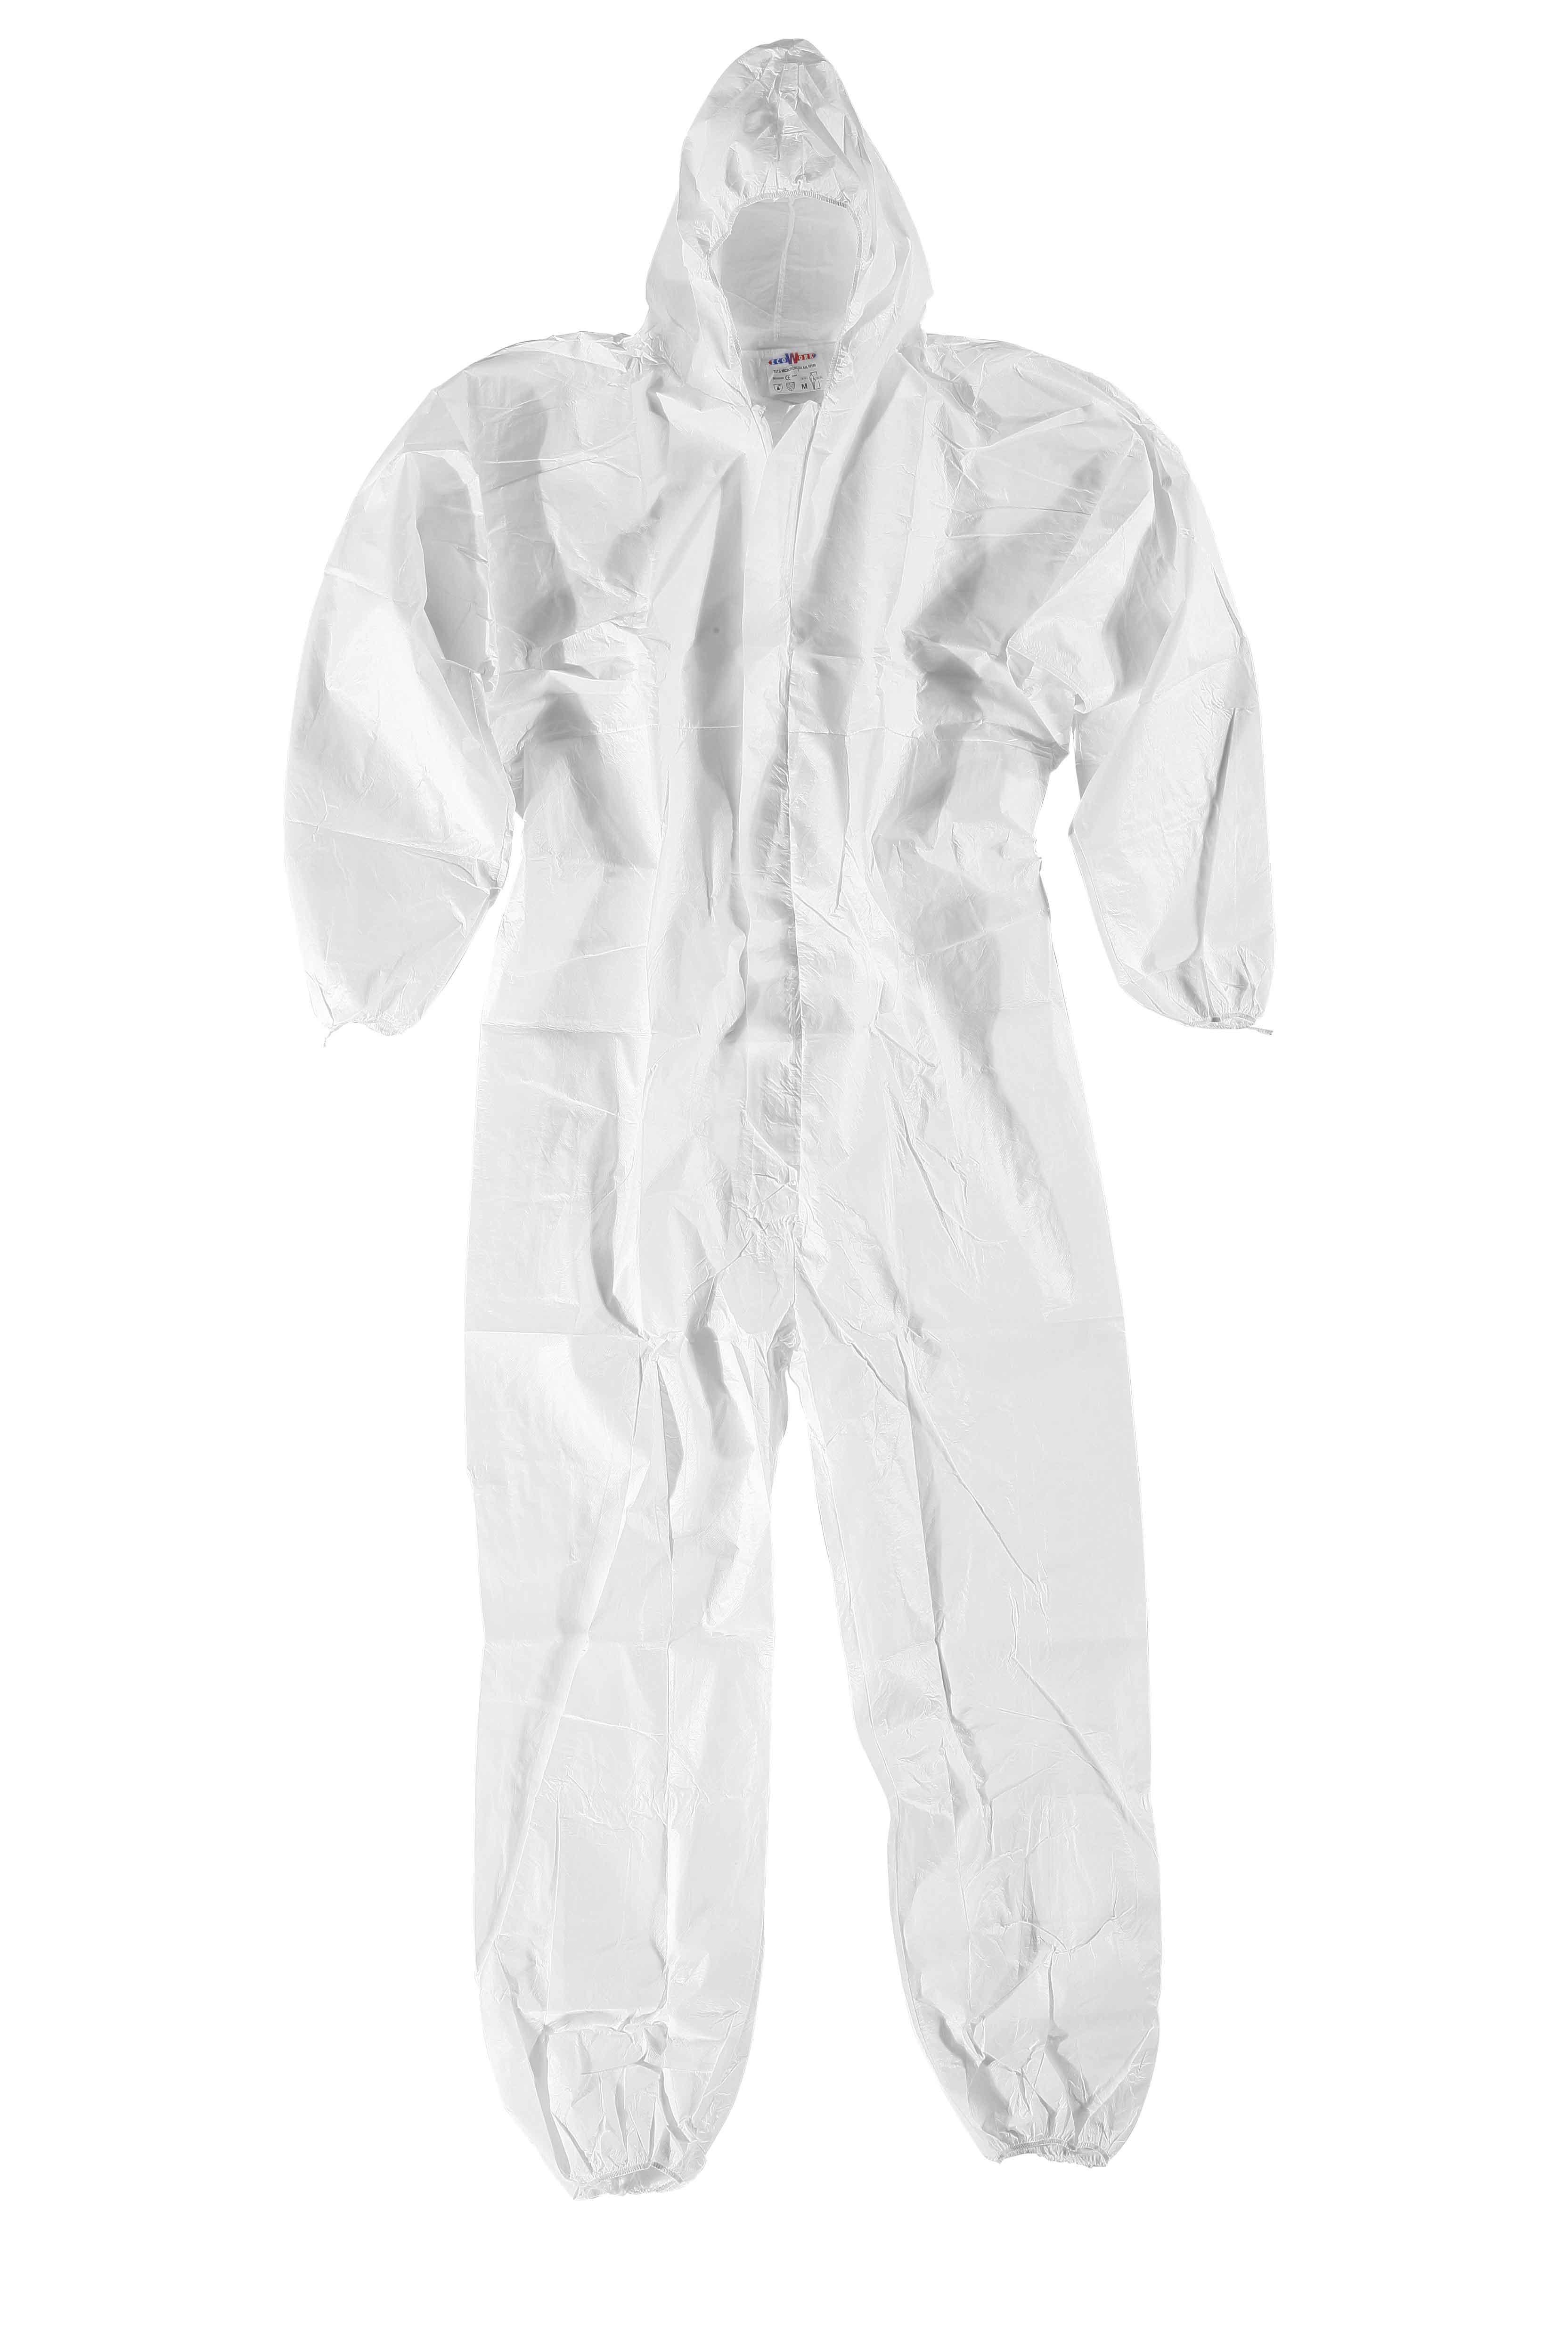 TUTA 3M 4500 Bianco uso generico protezione da liquidi e polveri non pericolose in PP 45g/mq _ TG L